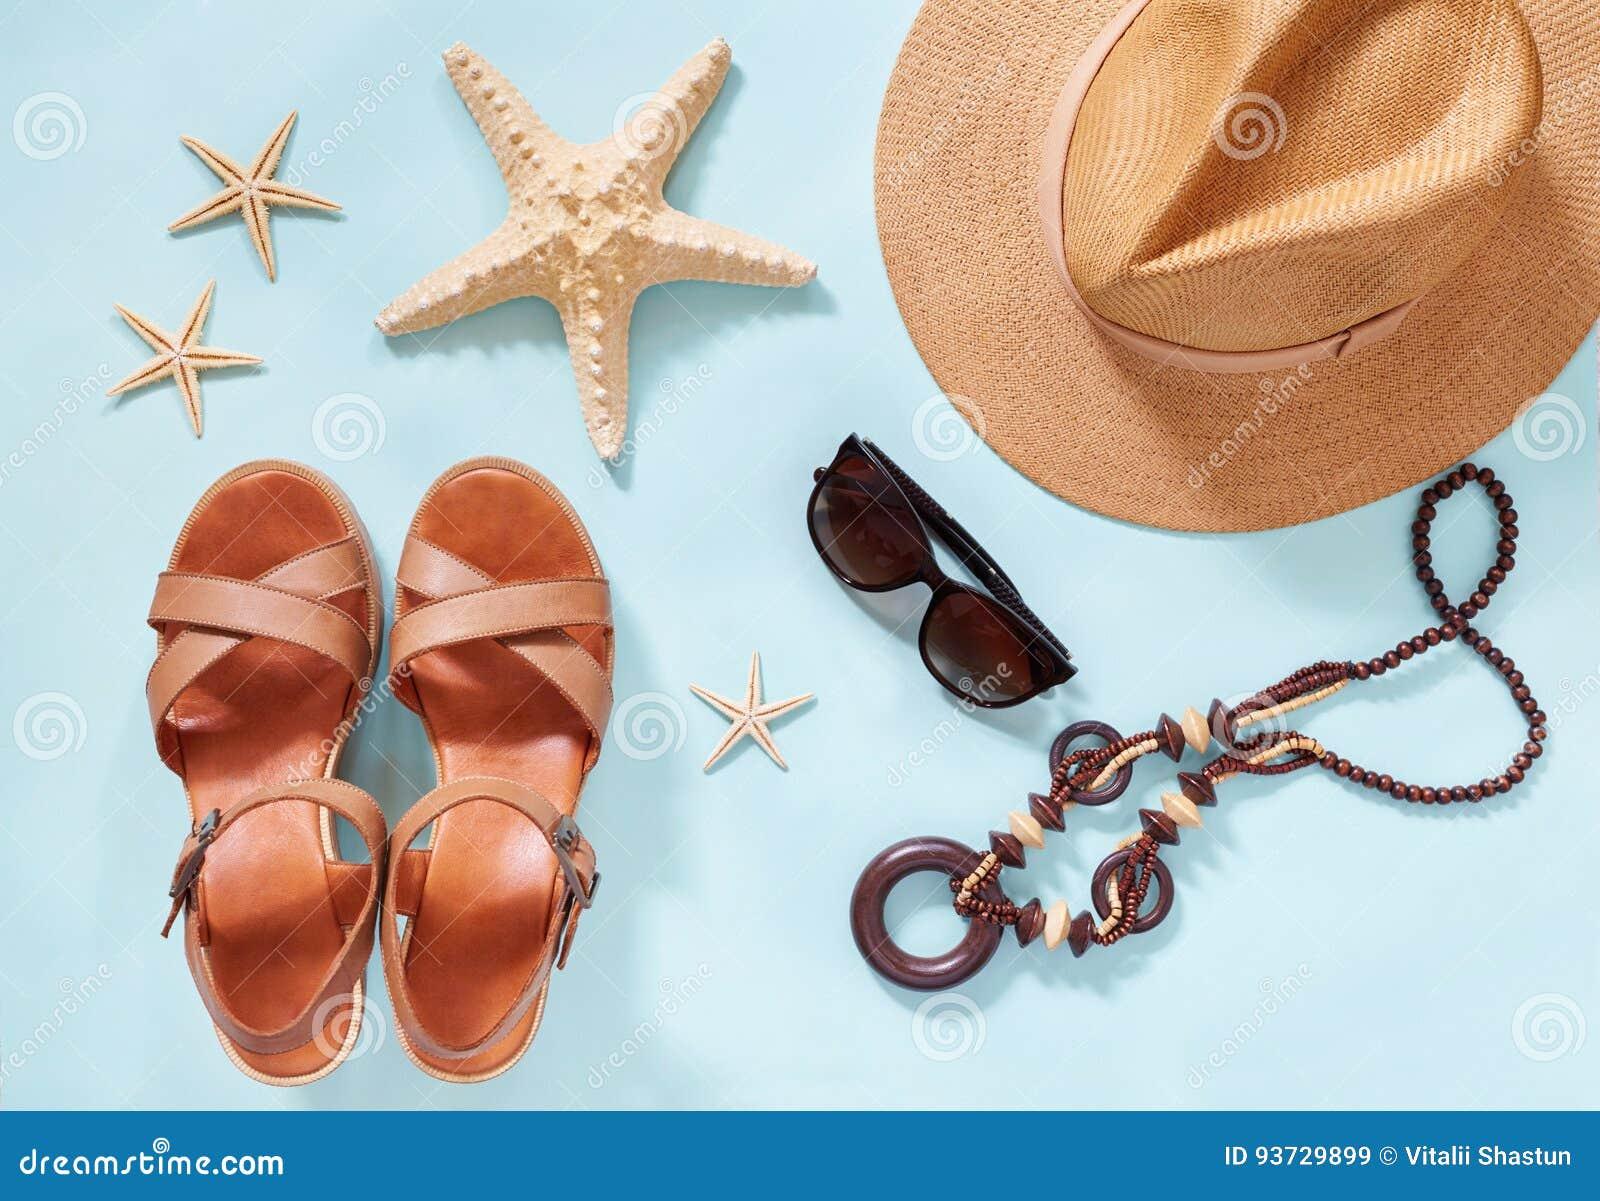 Sommerferienhintergrund, flaches Lagestrandfrauen ` s Zubehör: Strohhut, Armbänder, lederne Sandalen, Sonnenbrillen, Perlen